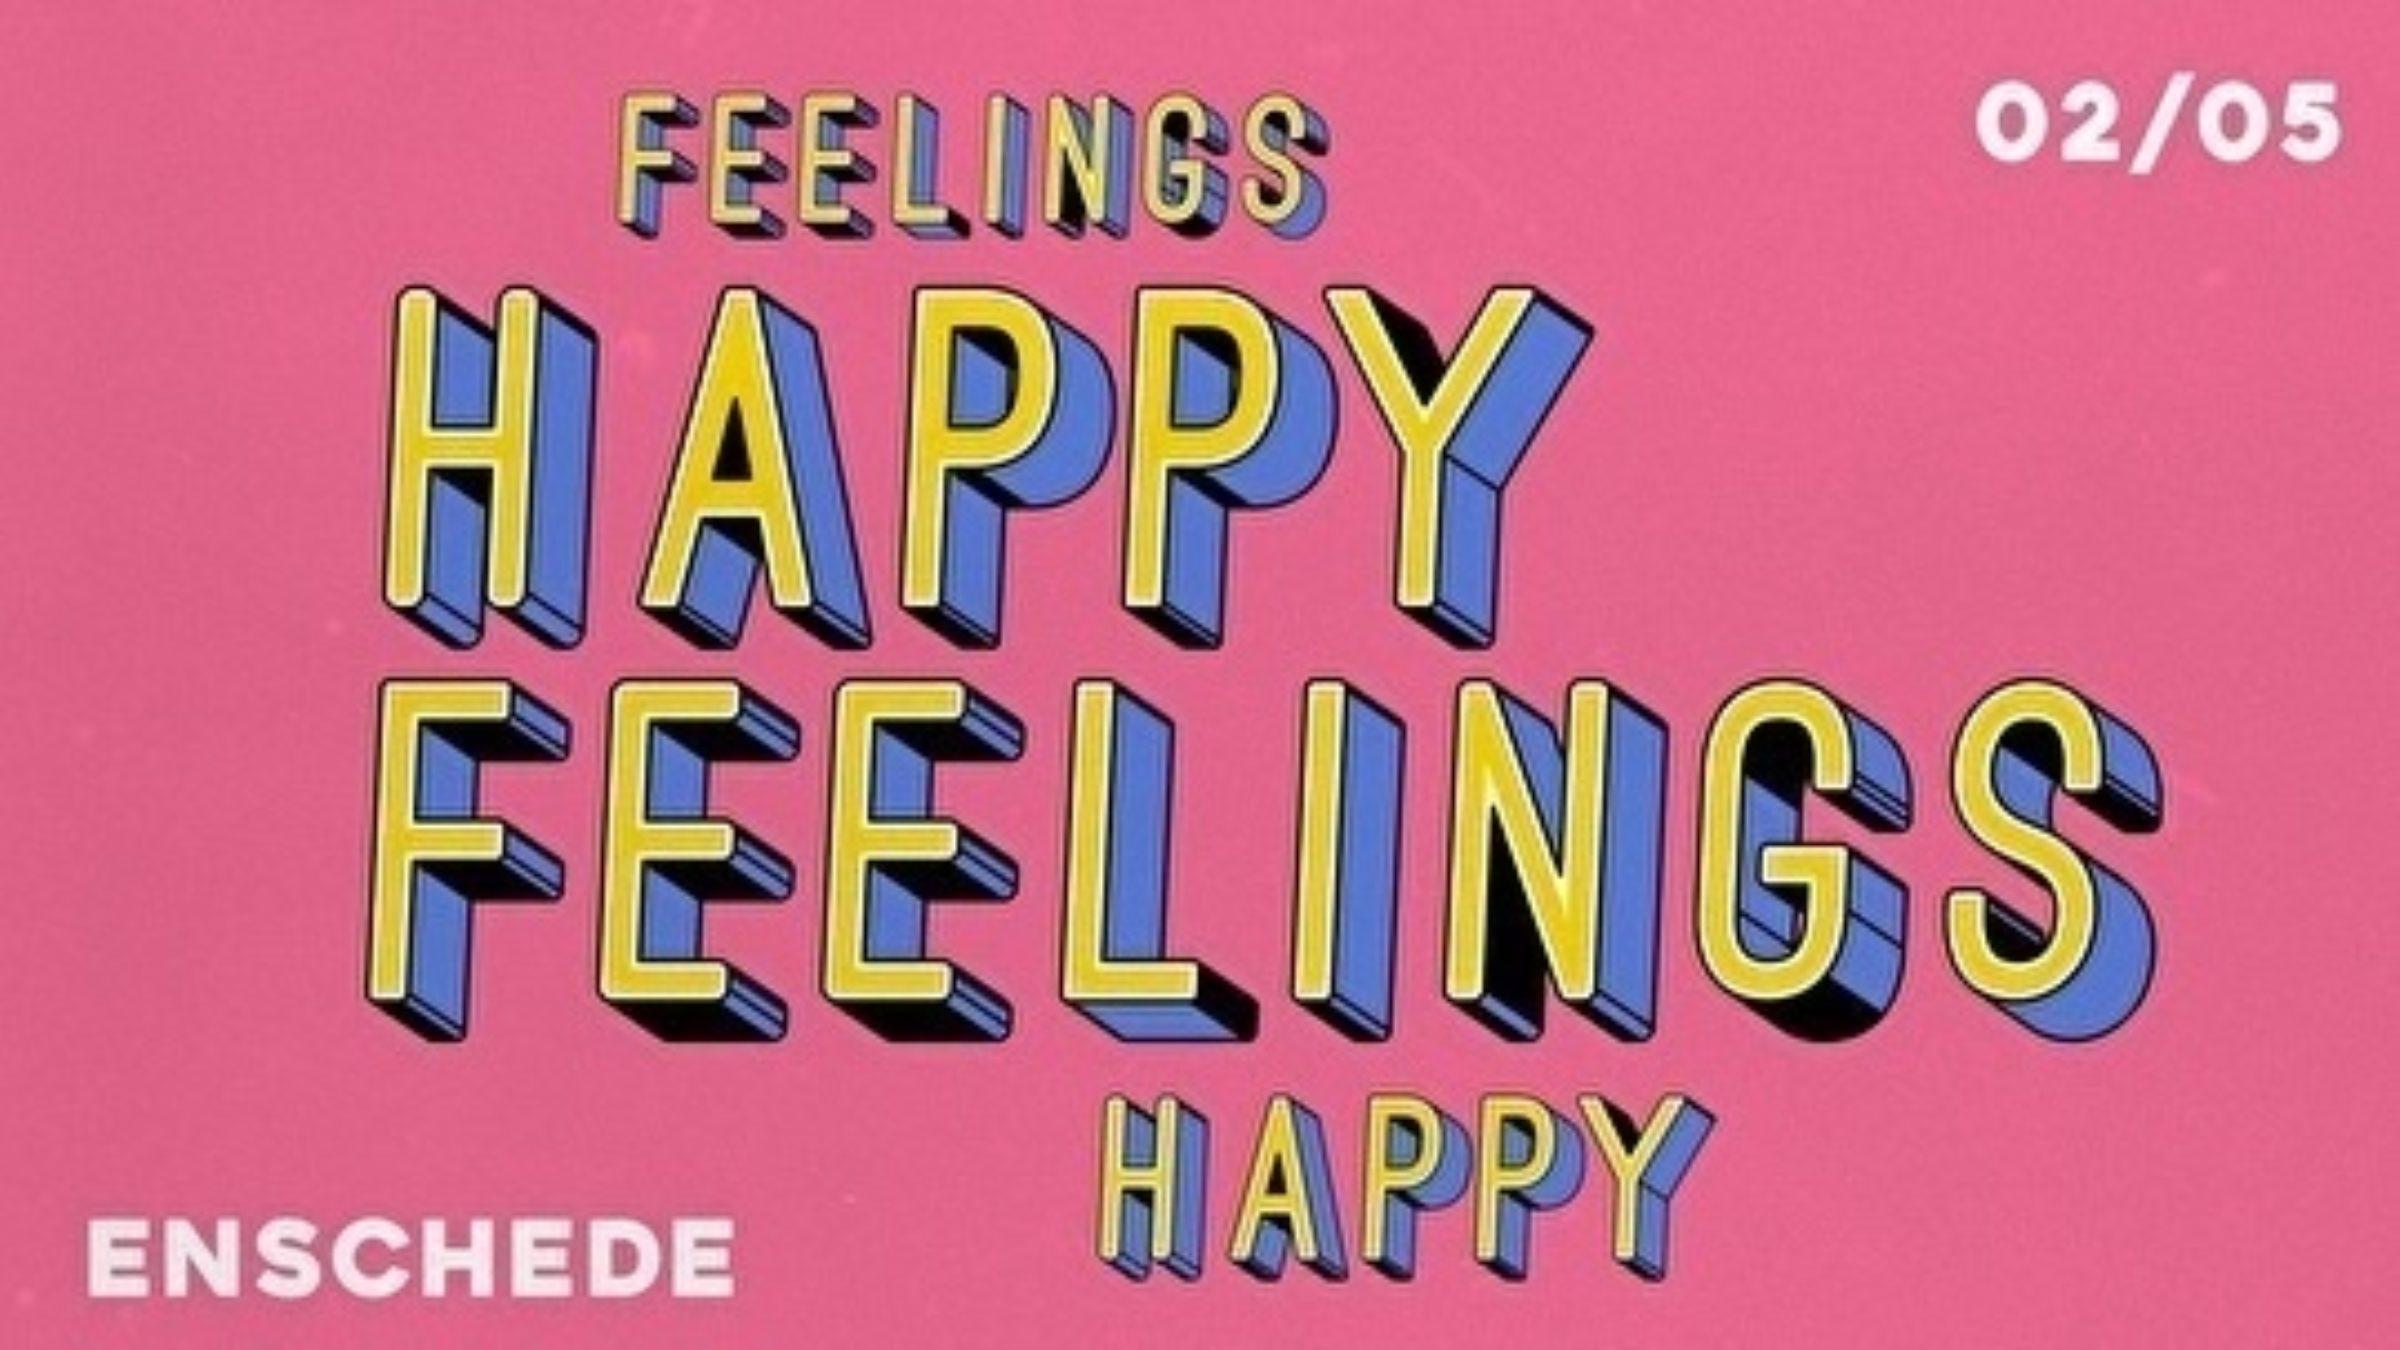 Happy Feelings 3930 1582635902 35i1yaq23b